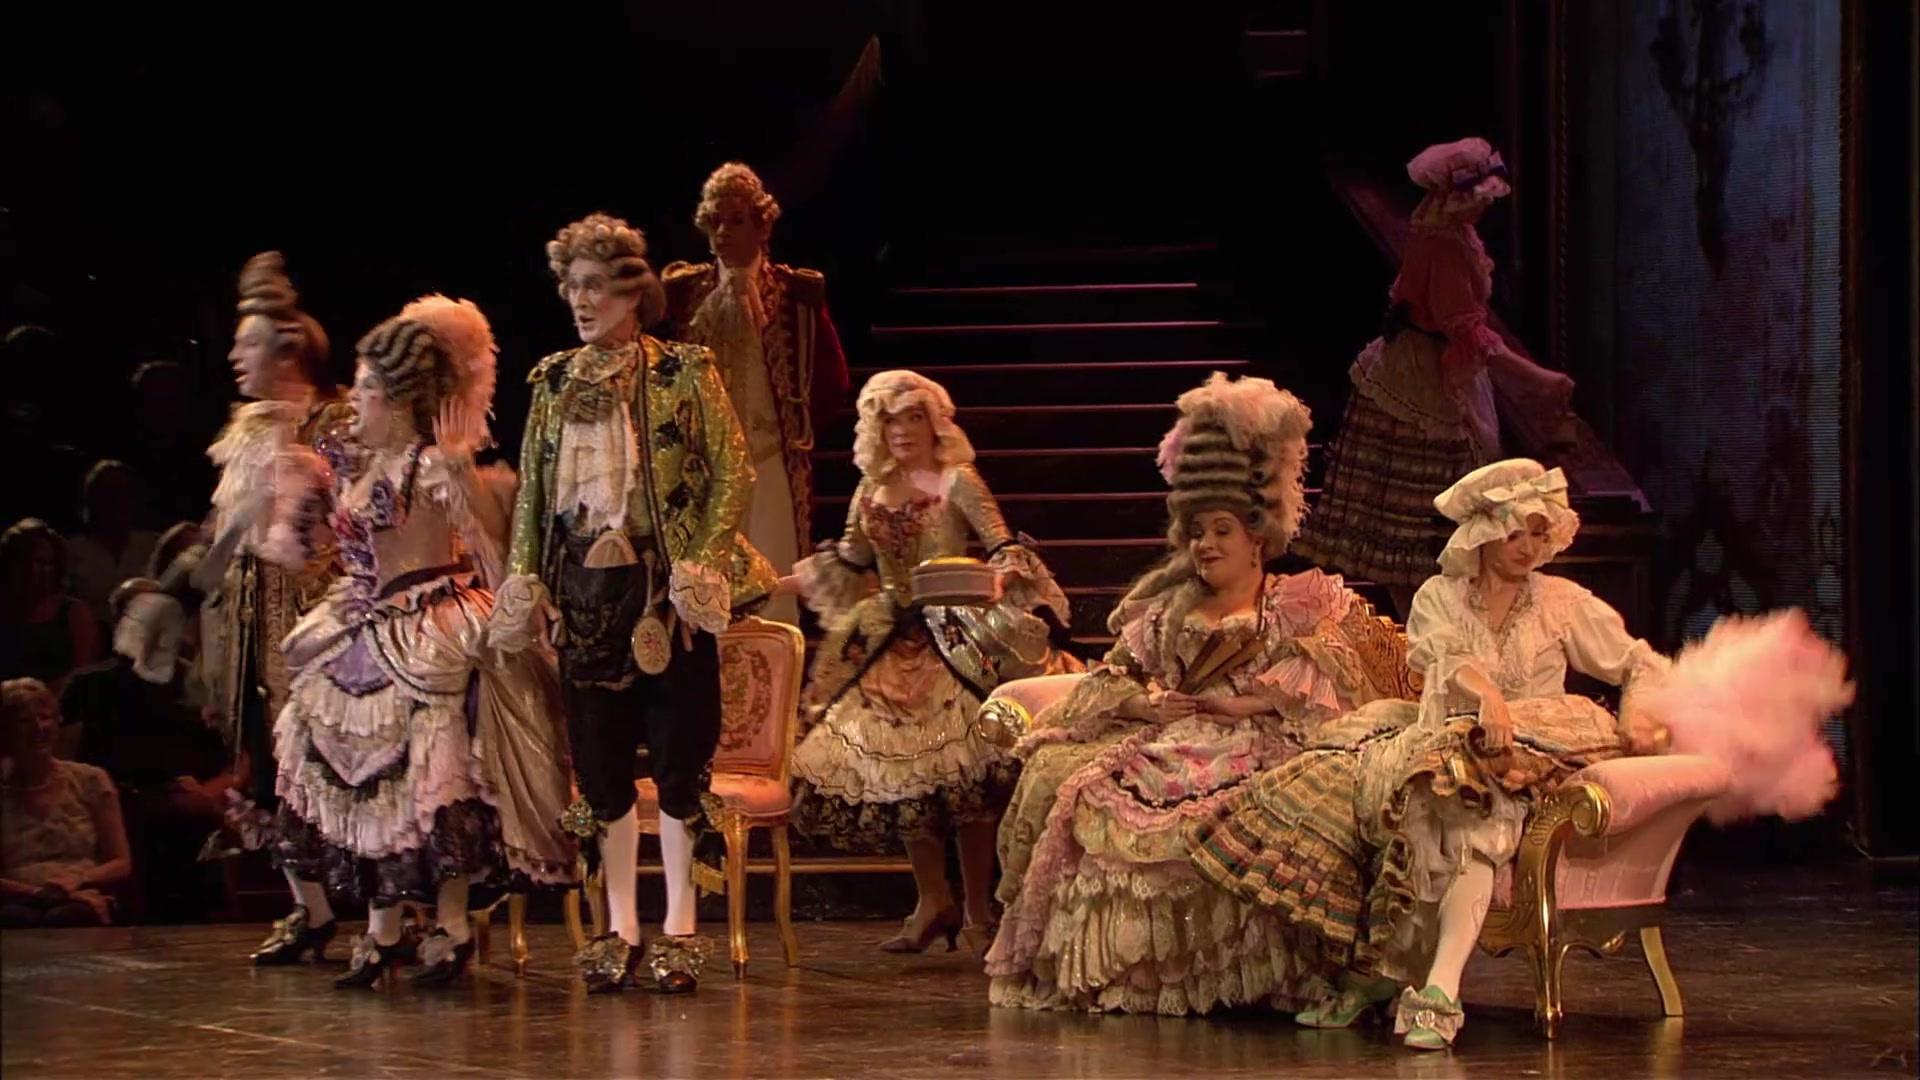 призрак оперы с русскими субтитрами смотреть онлайн